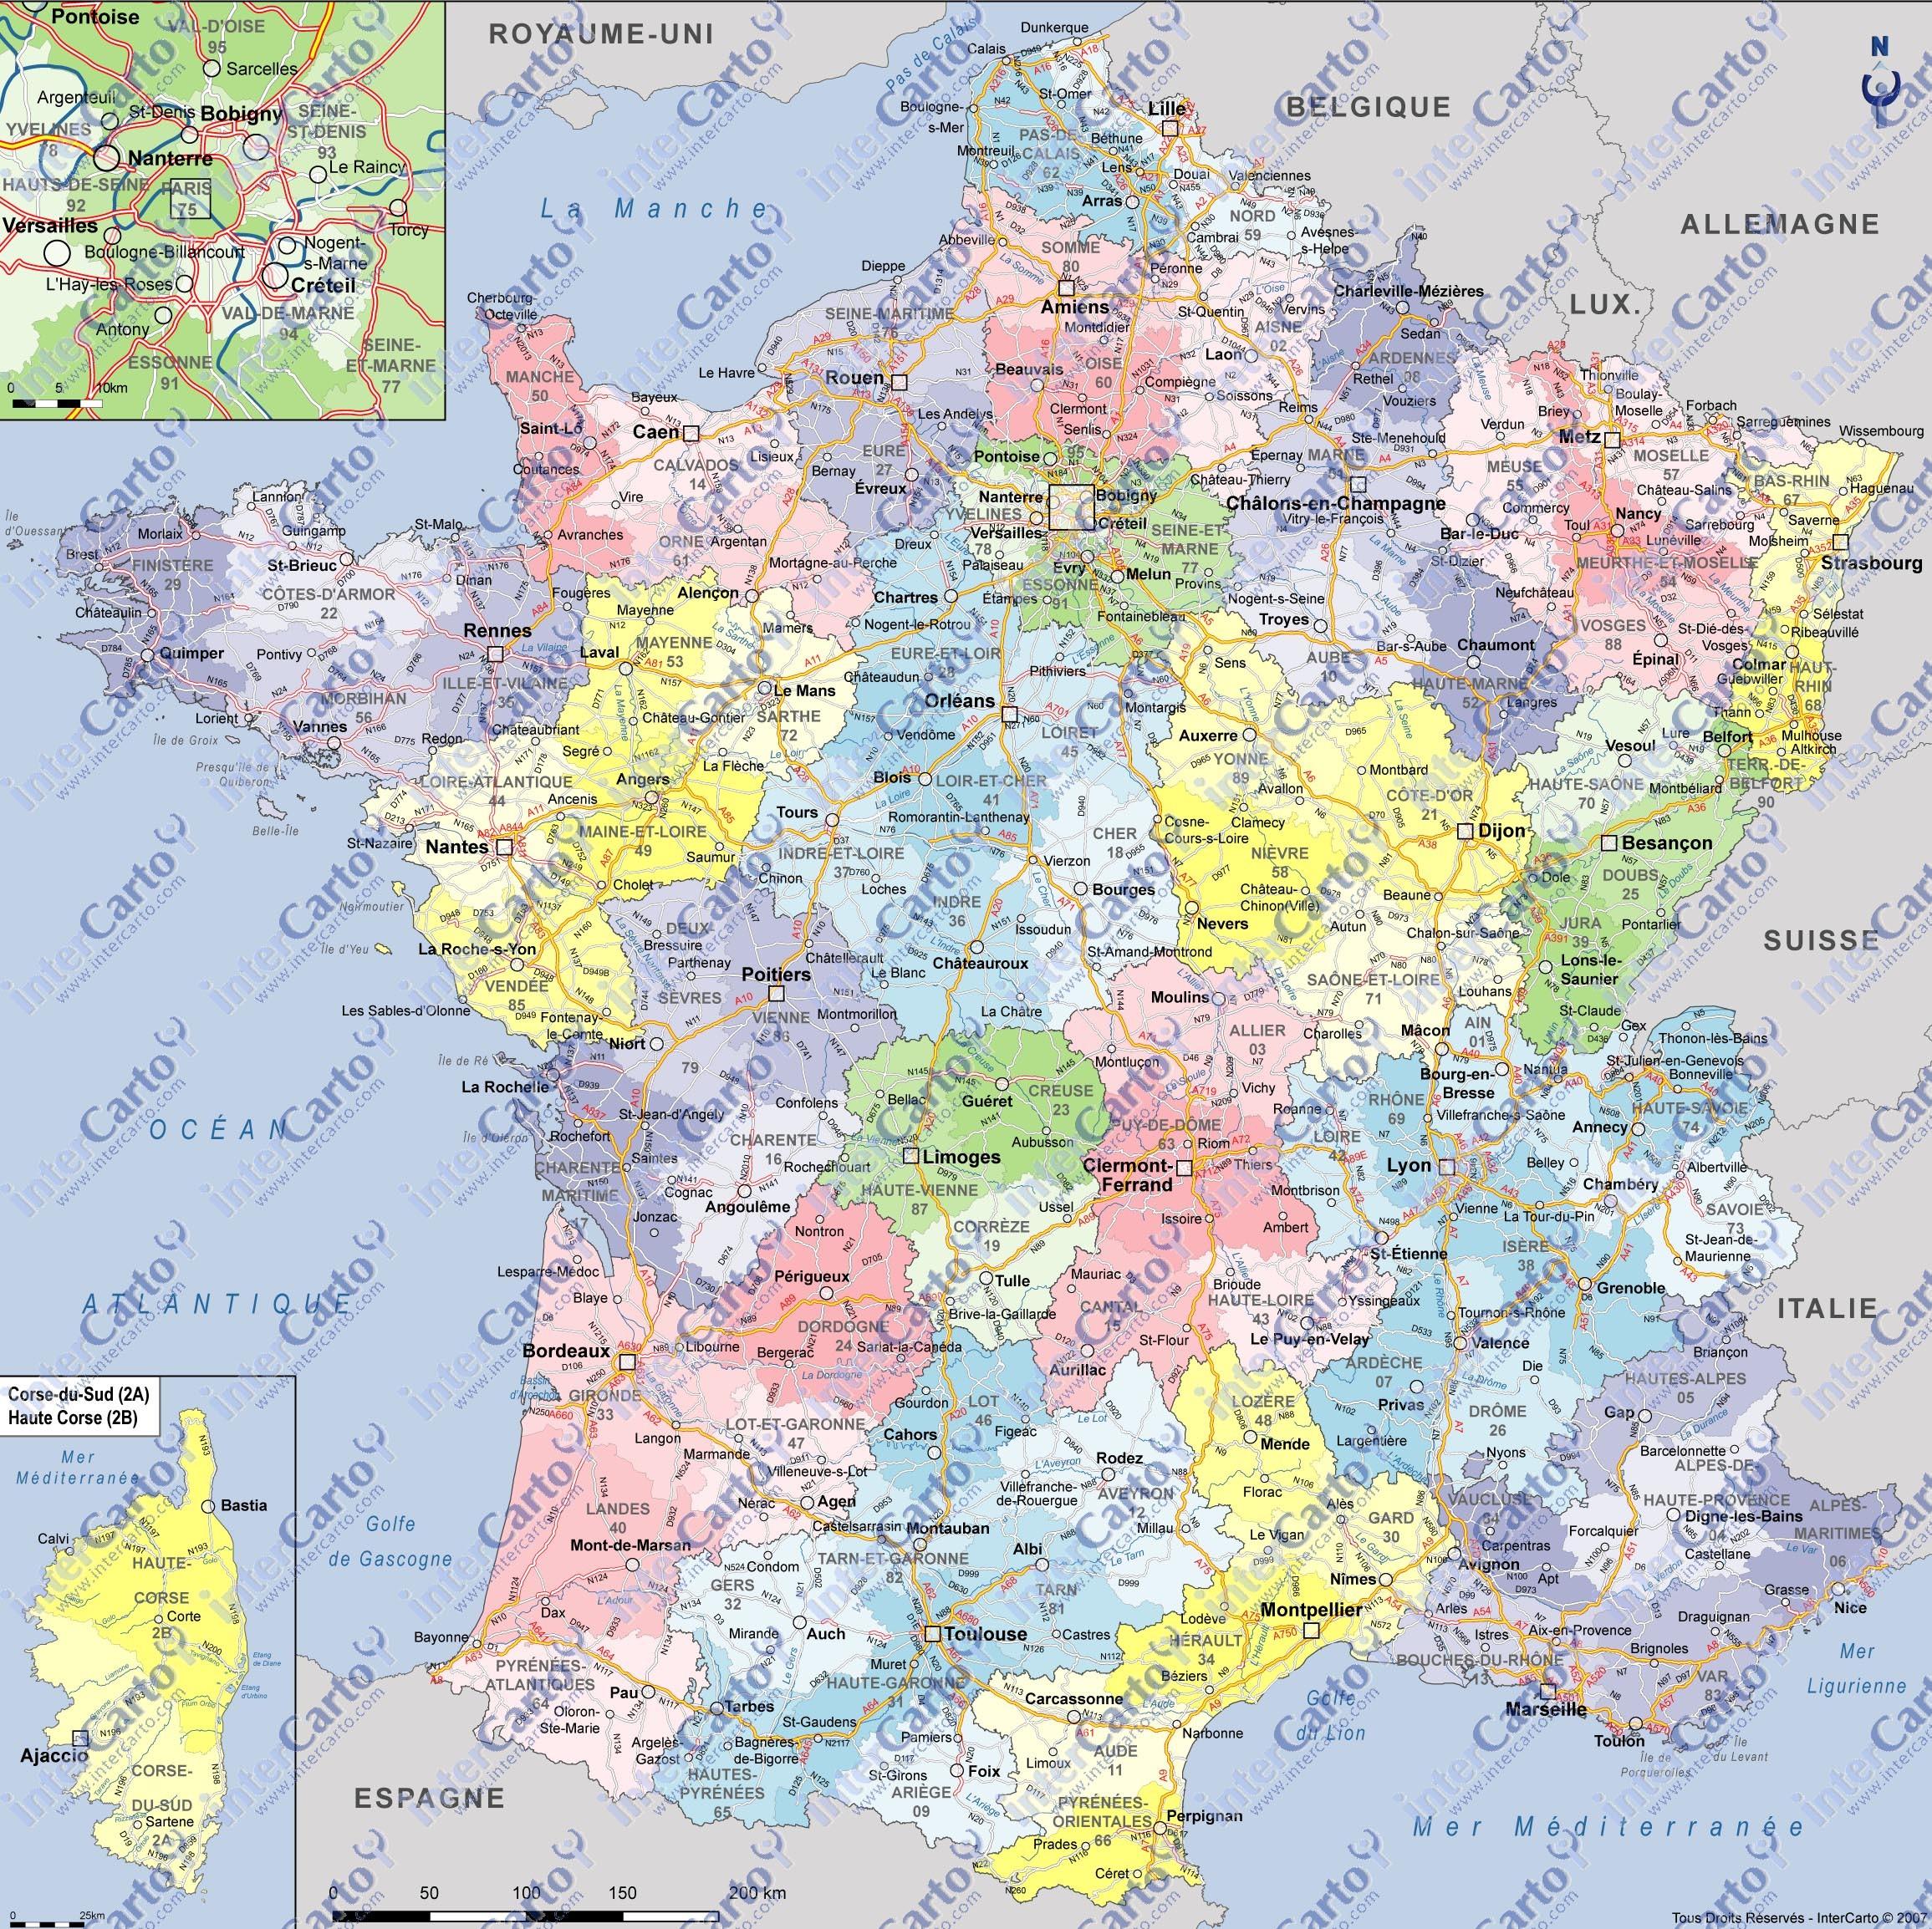 Carte de la france avec les villes